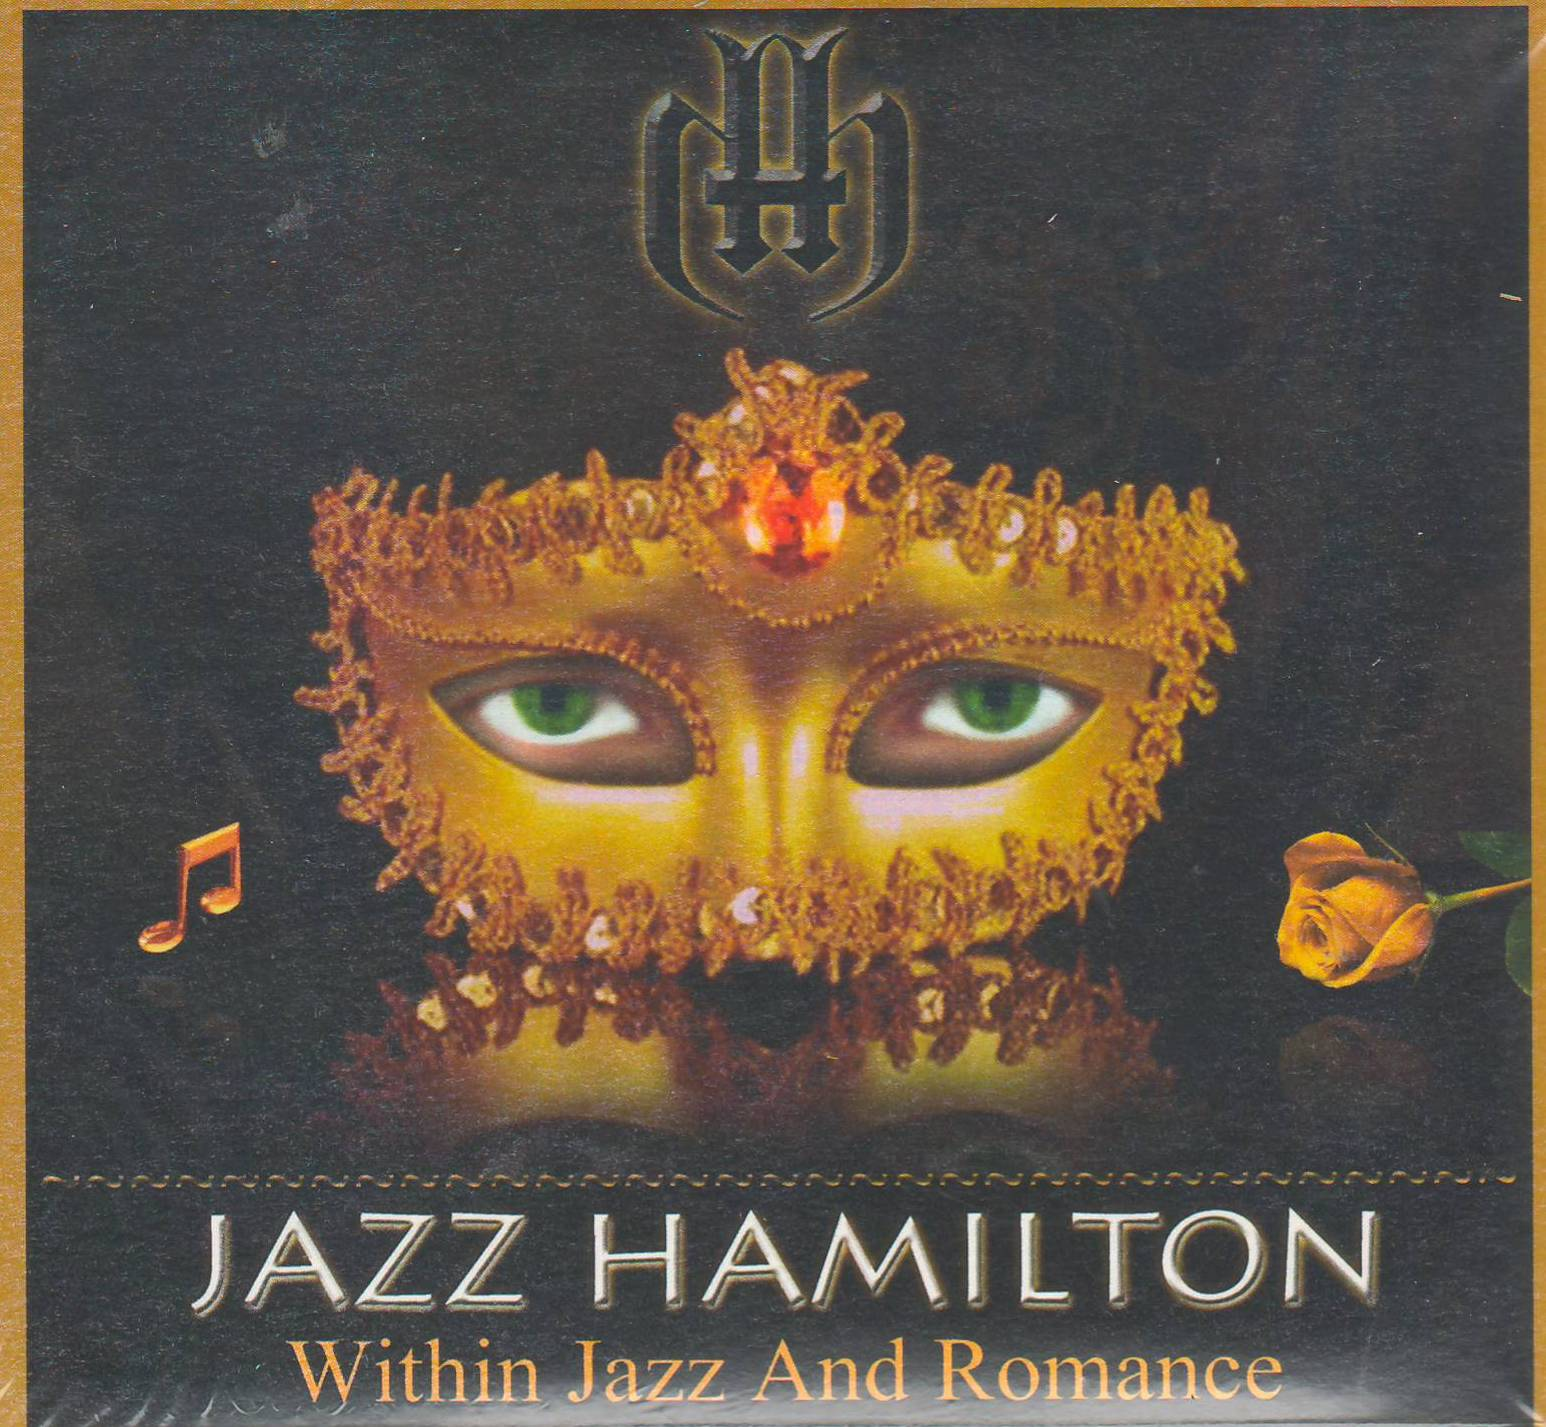 """El saxofonista cagueño ha recibido elogios por la producción discográfica """"Within Jazz and Romance""""."""